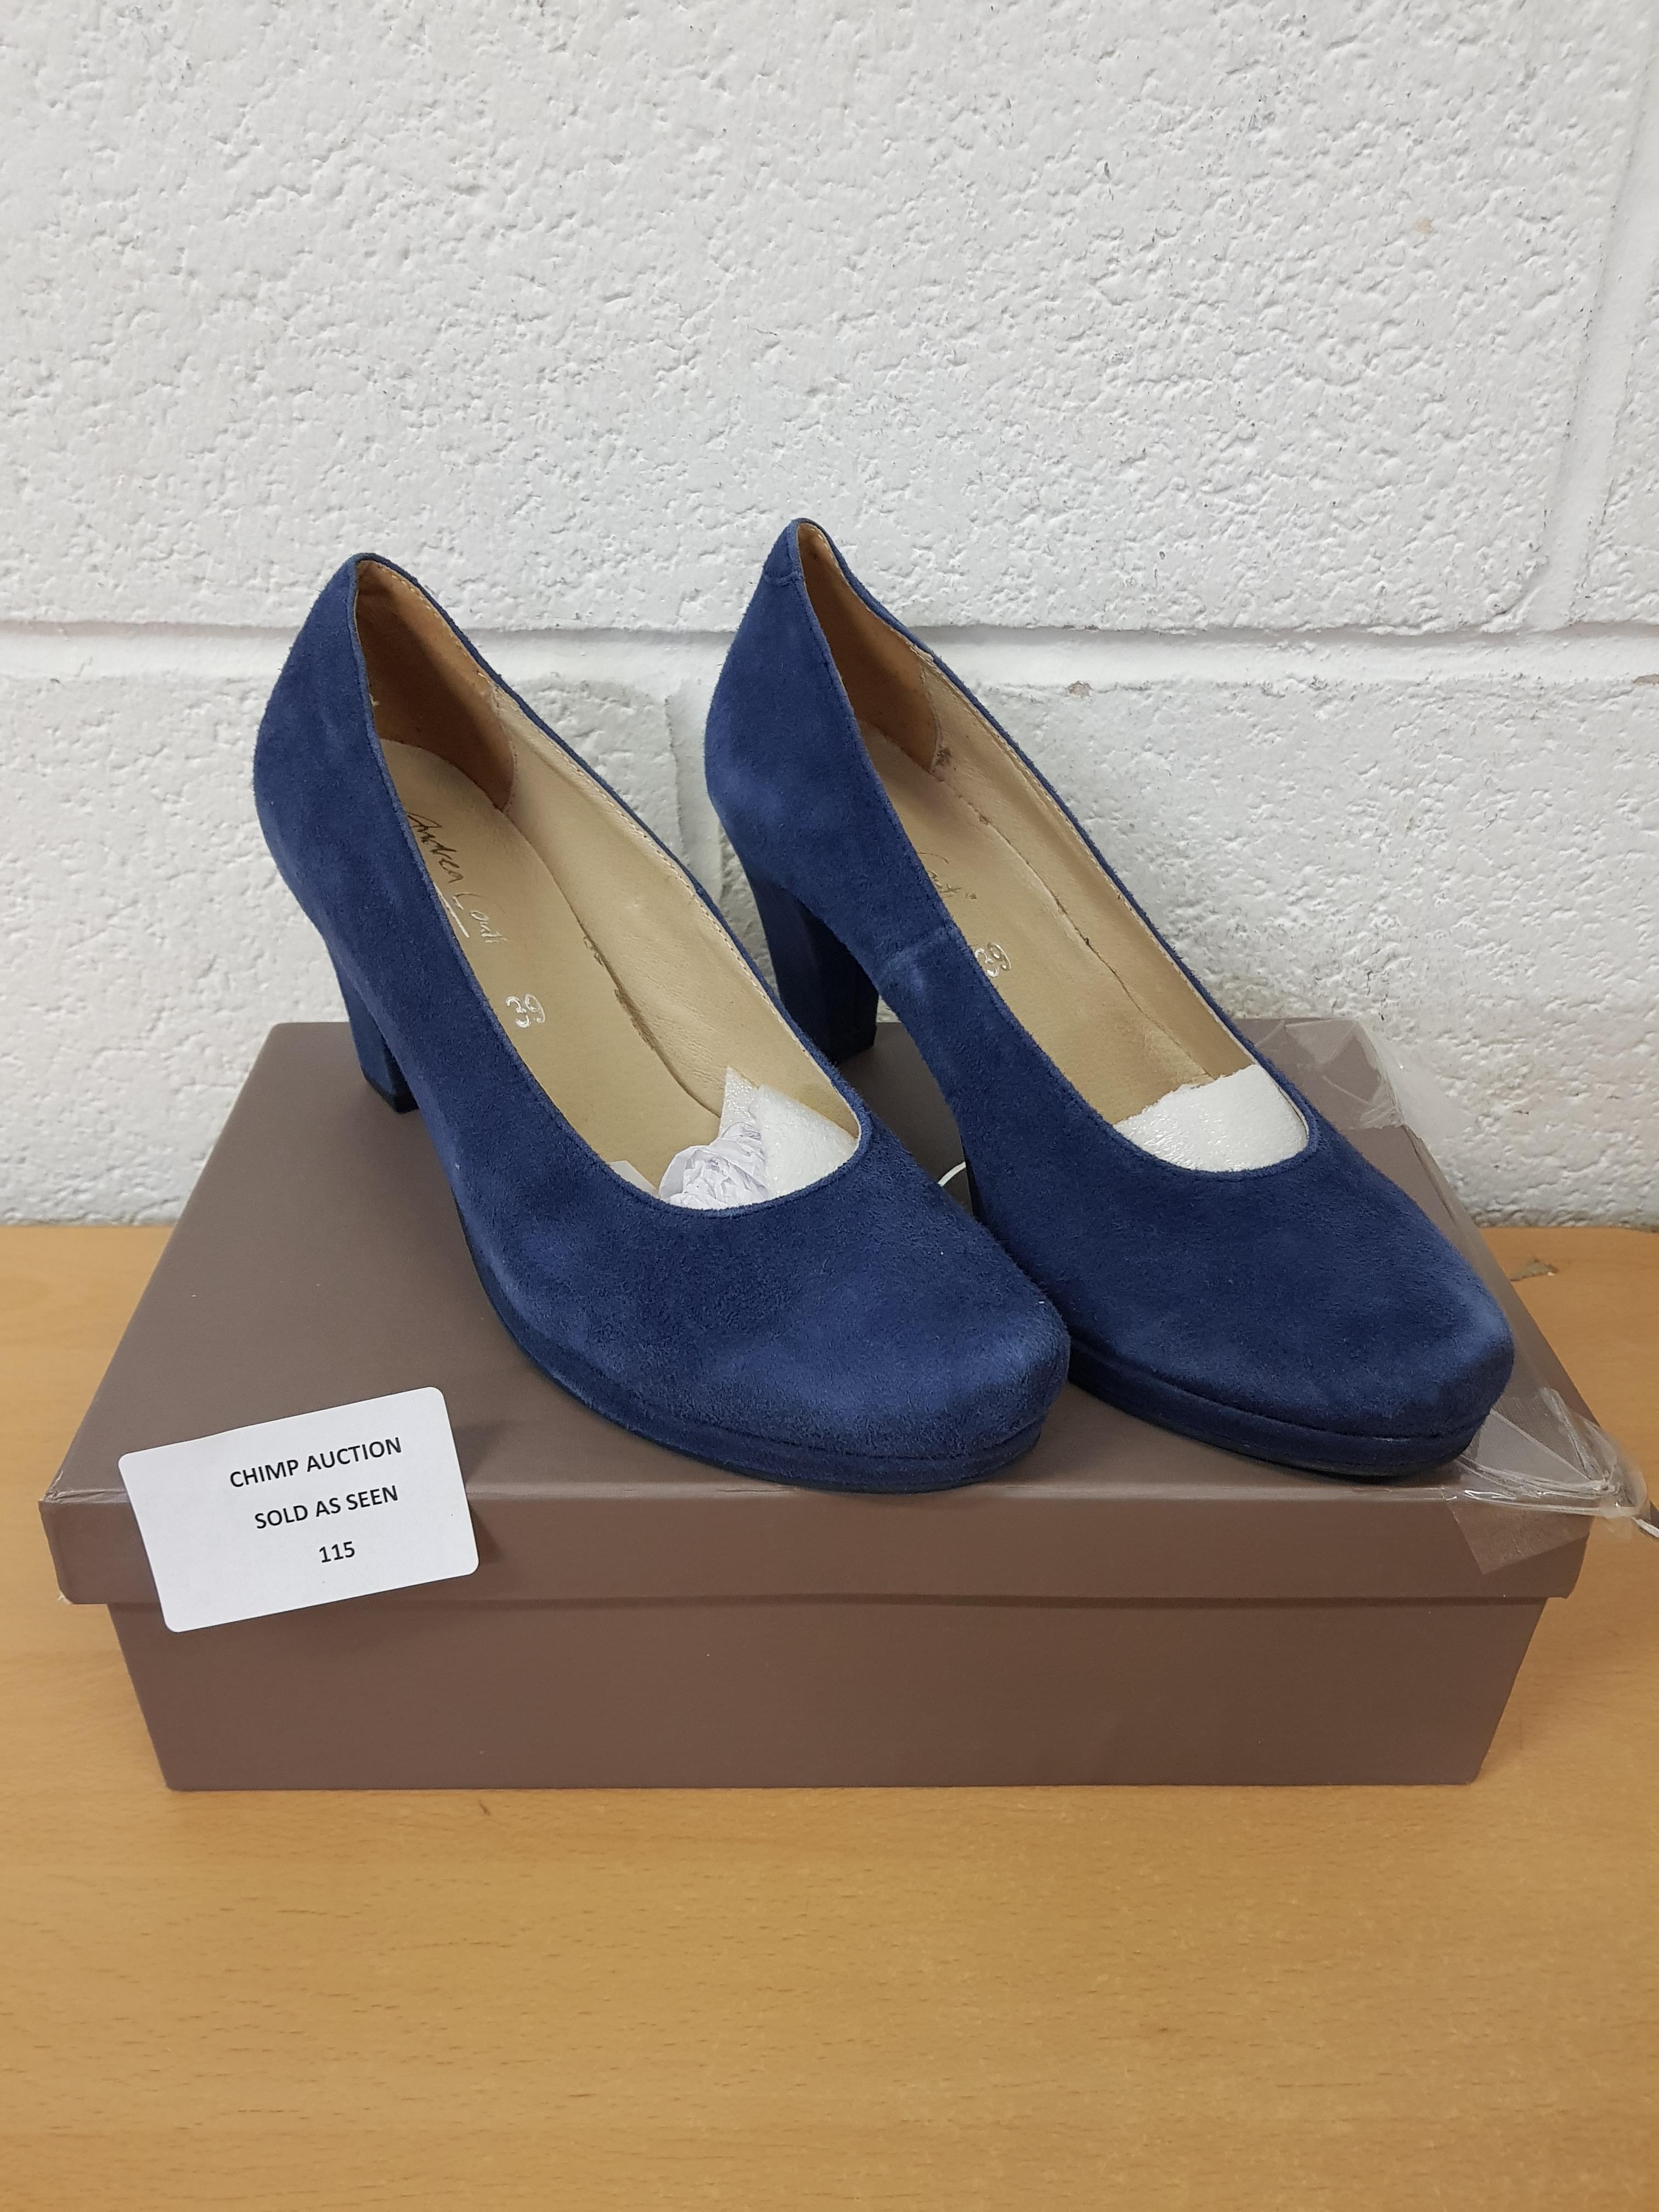 Lot 115 - Andrea Conti ladies shoes EU 39